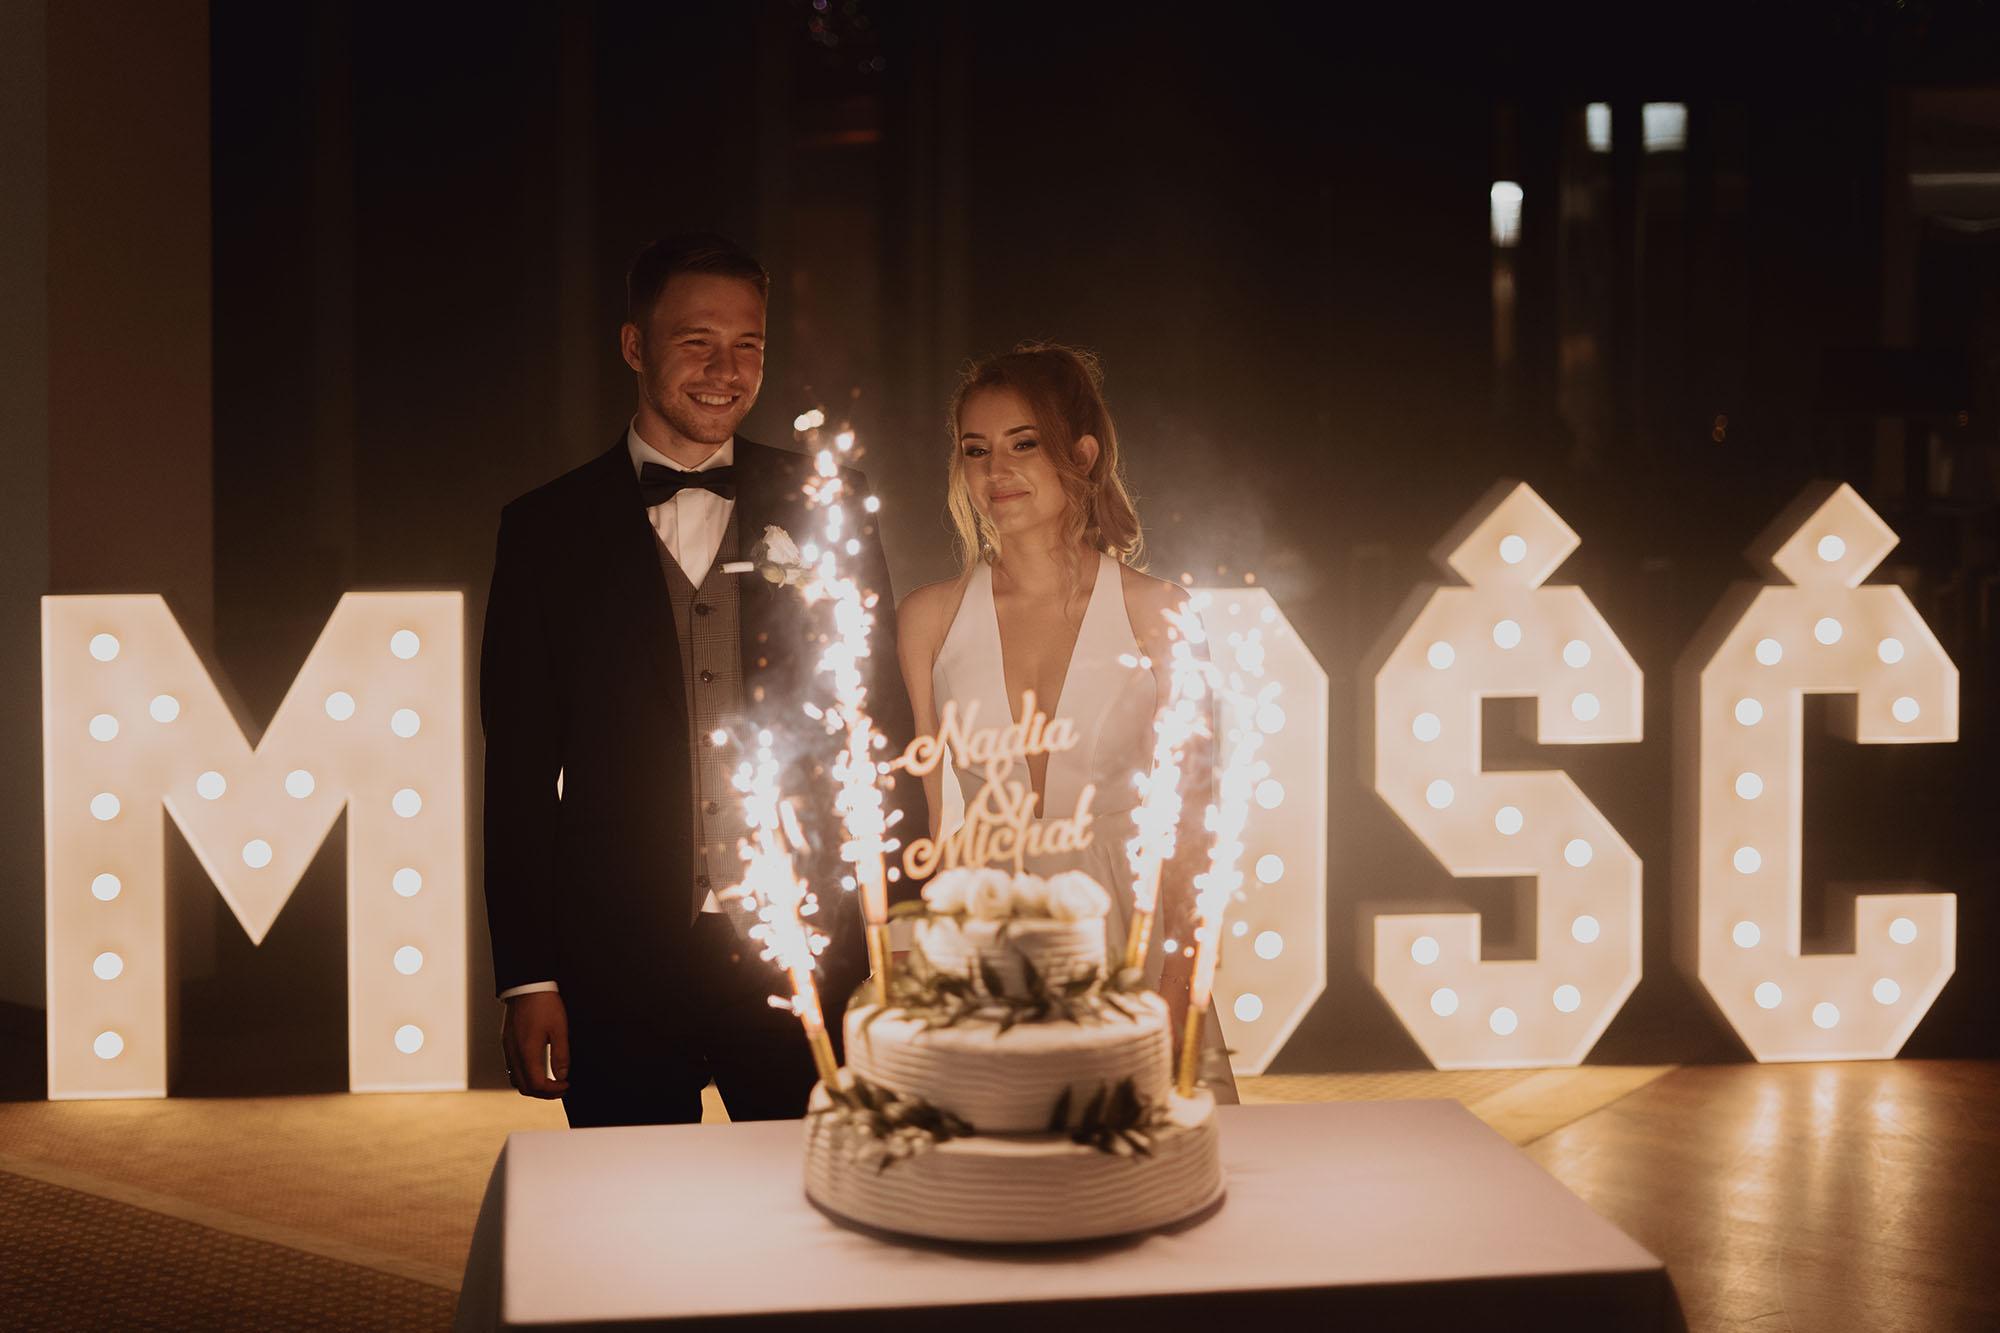 napismilosc2 - Te rzeczy sprawią, że dzień ślubu będzie piękniejszy